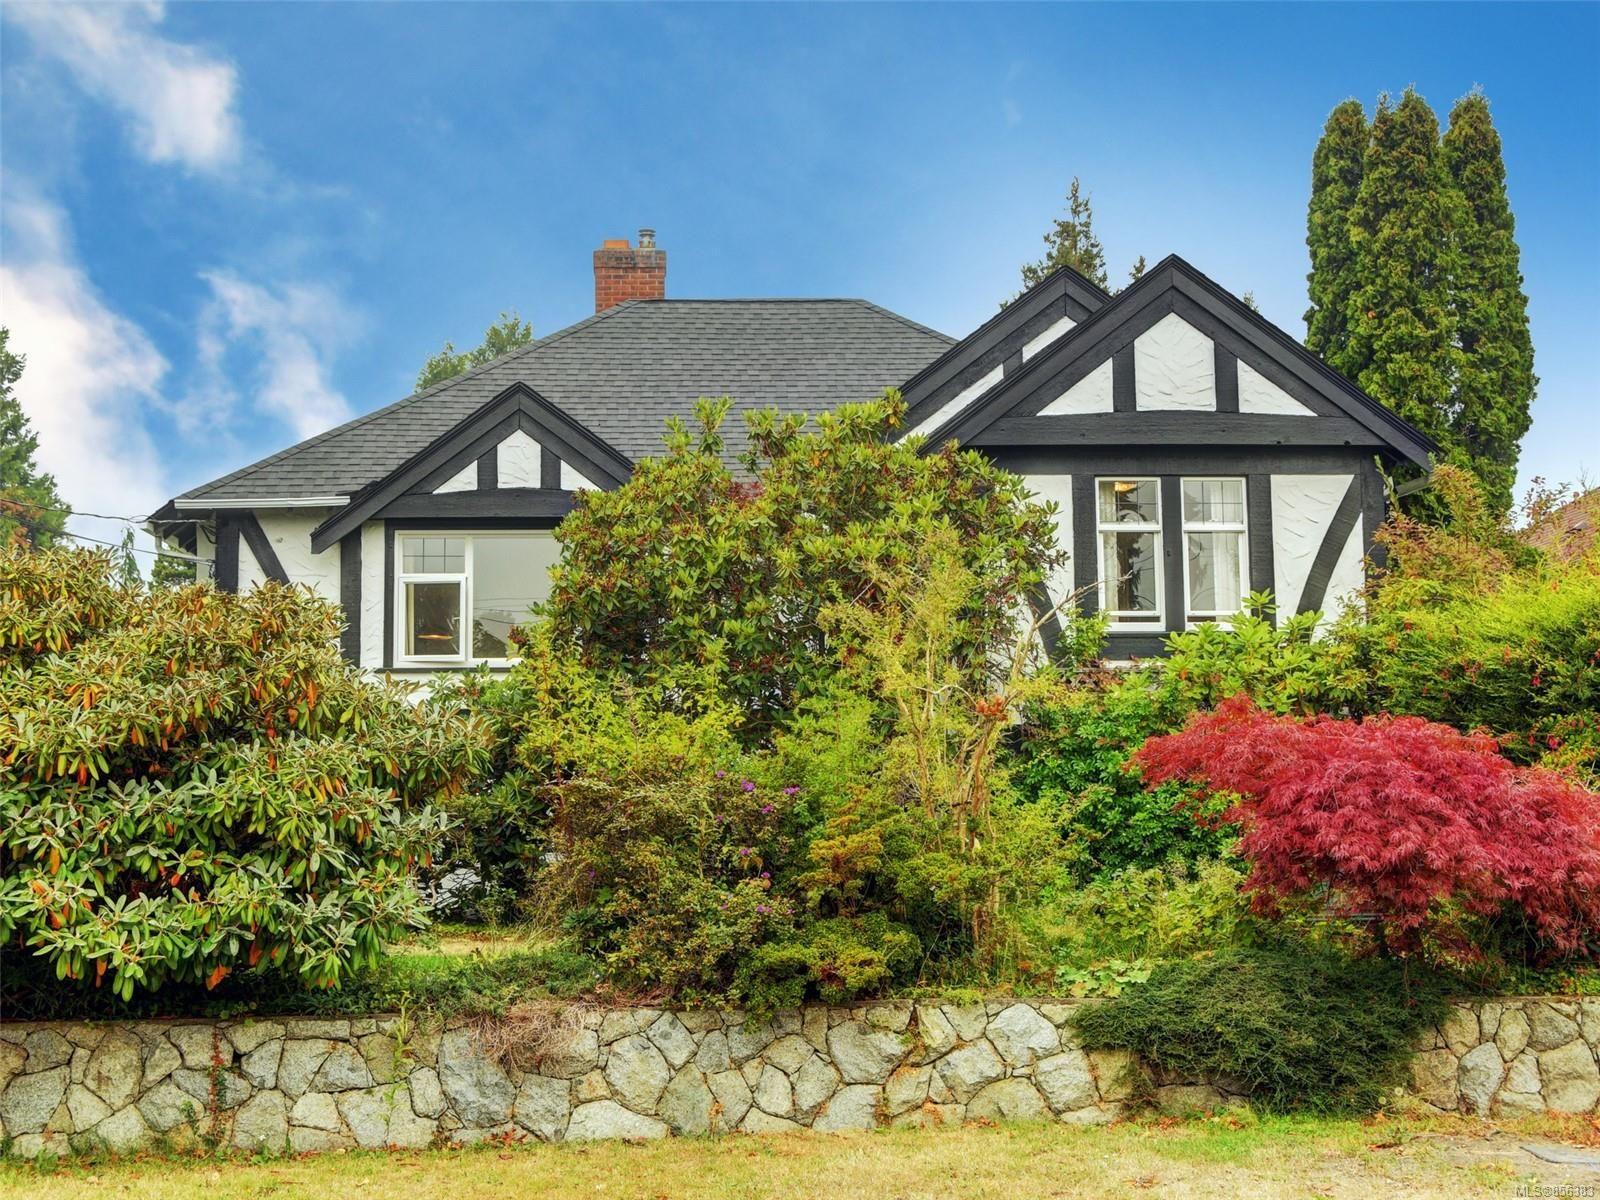 Main Photo: 2396 Heron St in : OB Estevan House for sale (Oak Bay)  : MLS®# 856383